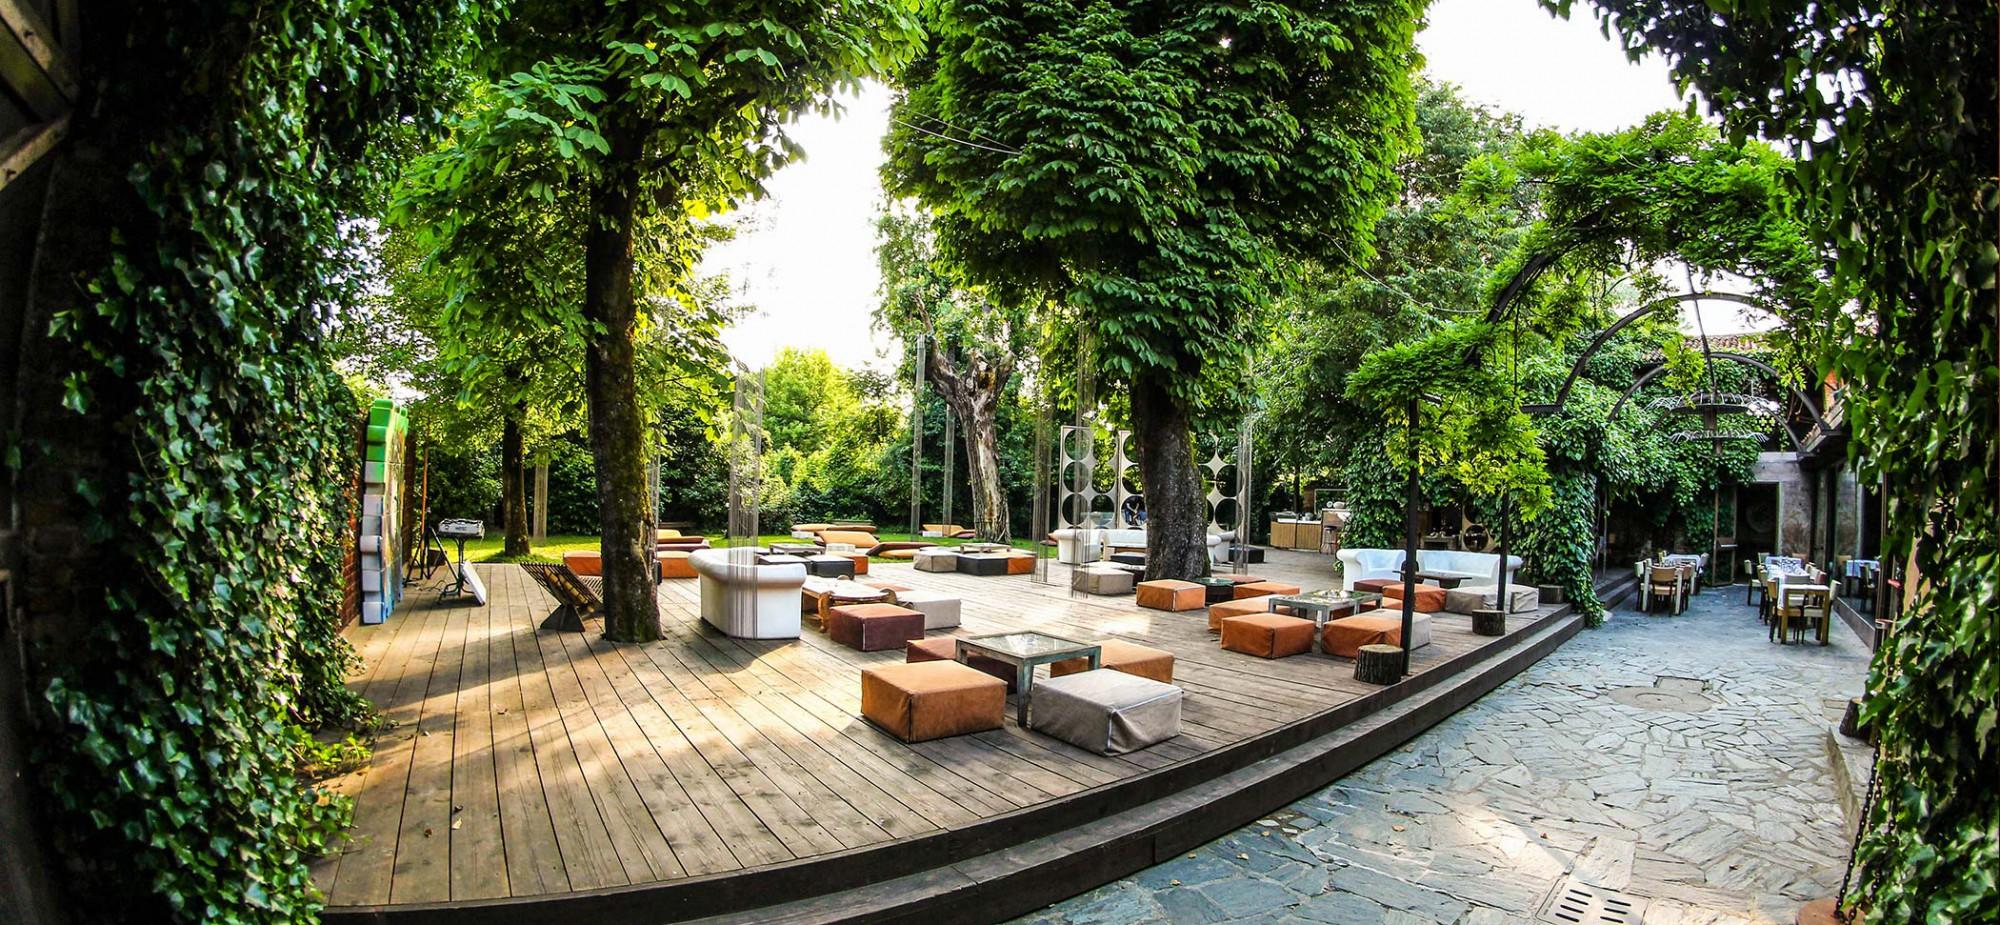 I 50 migliori ristoranti con giardino all 39 aperto di milano - Ristorante con tavoli all aperto roma ...